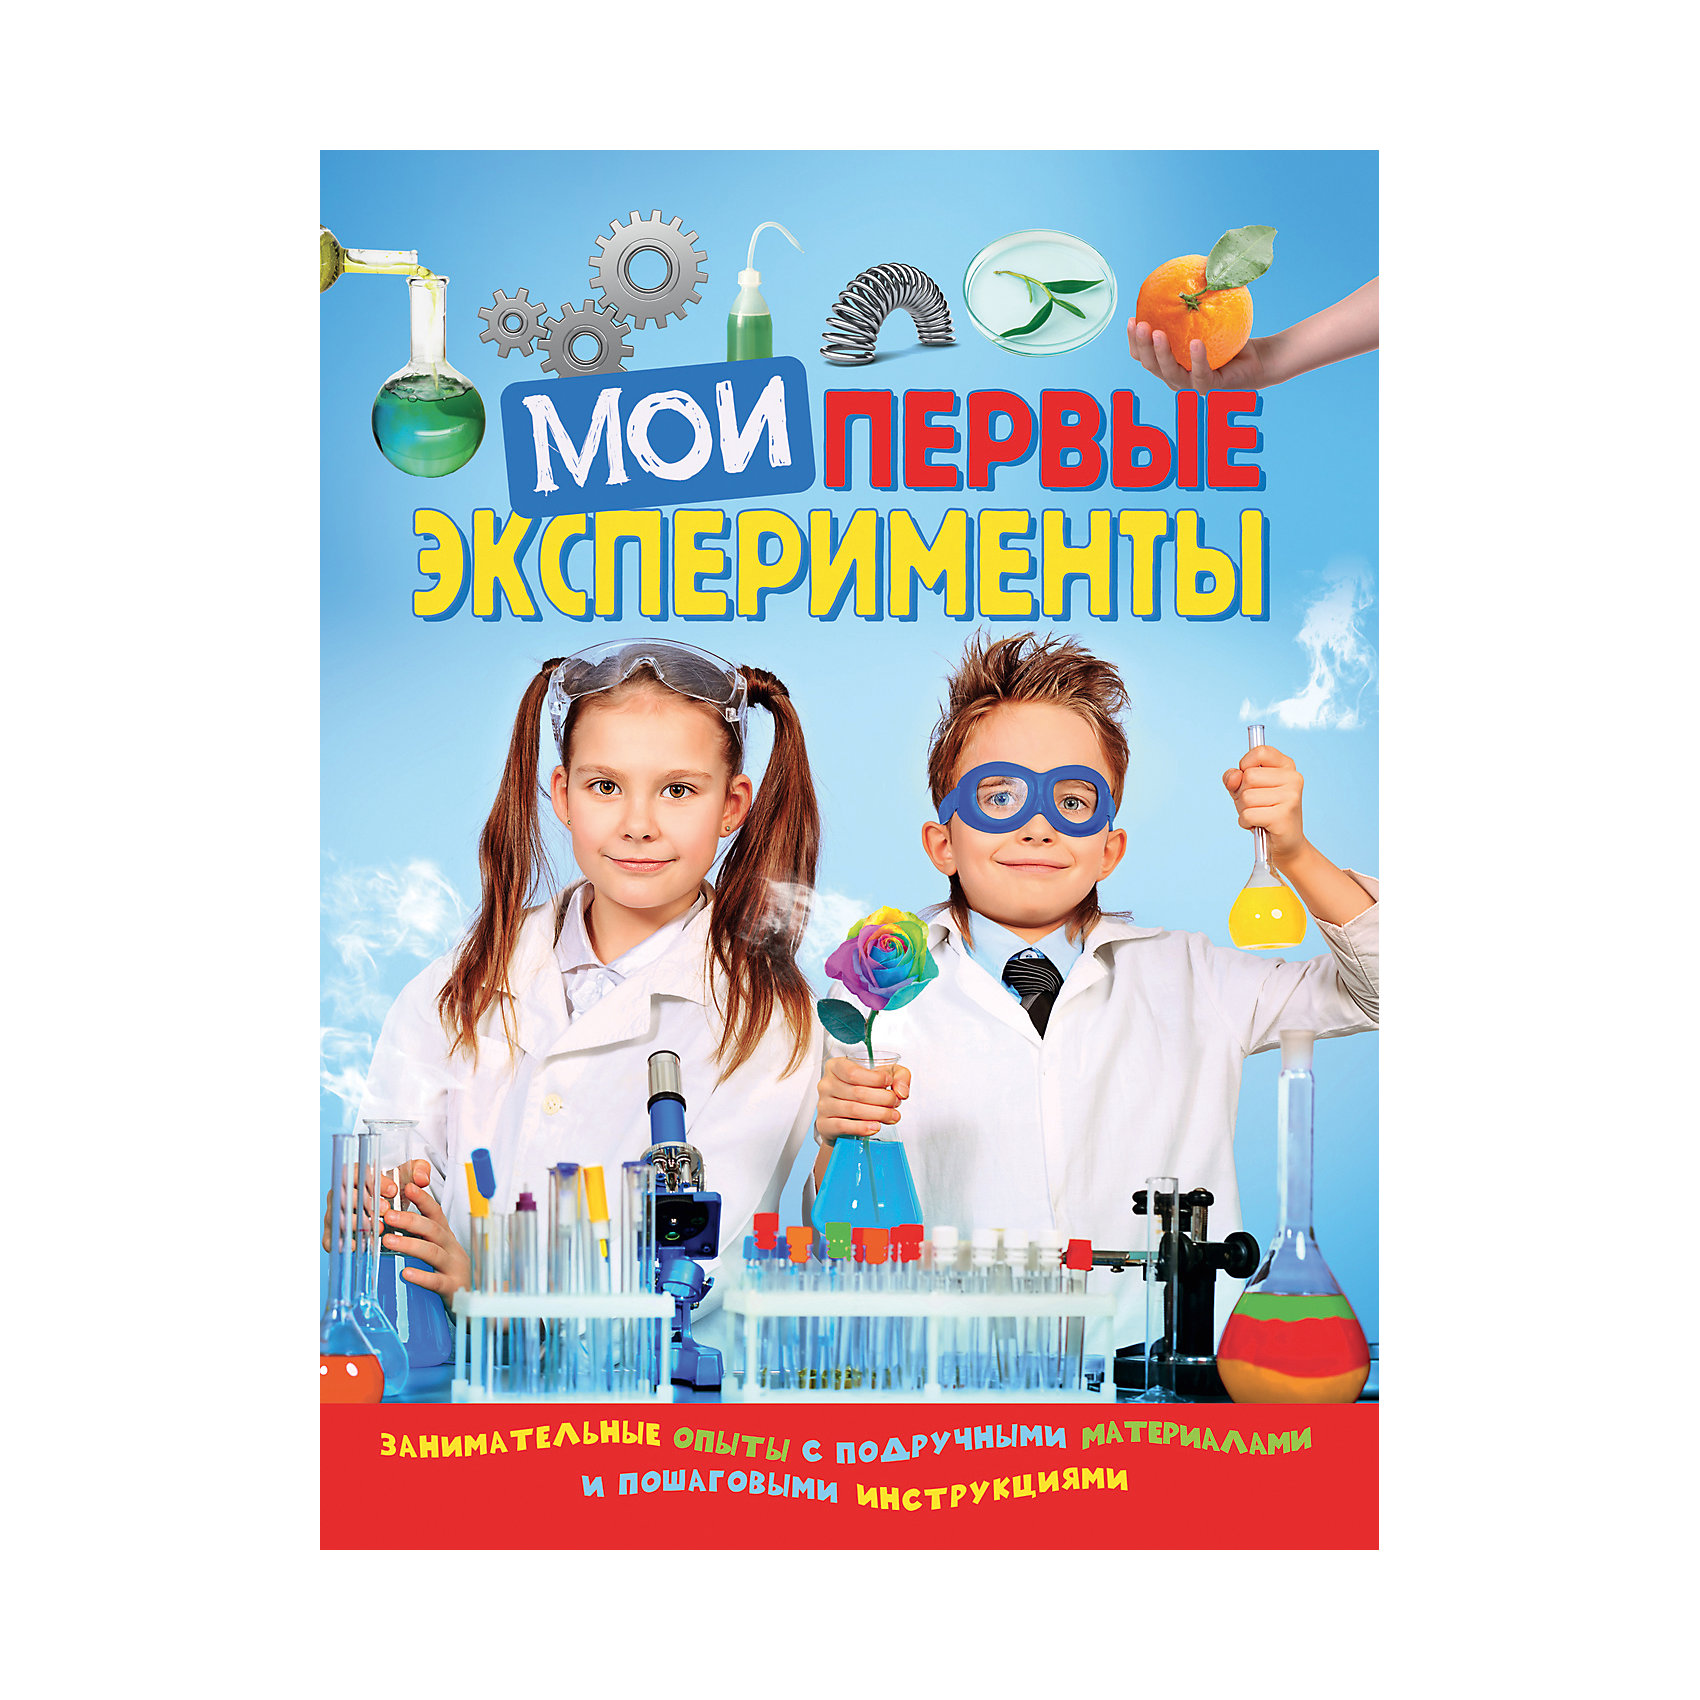 Мои первые экспериментыЭнциклопедии для школьников<br>Книга Мои первые эксперименты<br><br>Характеристики:<br><br>• ISBN: 9785353082125 <br>• Количество страниц: 96<br>• Формат: А4  <br>• Обложка: твердая <br><br>Эта книга позволит вашему ребенку почувствовать себя настоящим ученым! Используя рекомендации из этой книги, ваш юный исследователь сможет повторить различные безопасные опыты с подручными материалами и узнать о необычных свойствах привычных для нас предметов. Он сможет поставить эксперименты с такими вещами как бумага, вода, соль и понять основные законы физики и химии, совершая свои маленькие открытия.<br><br>Книга Мои первые эксперименты можно купить в нашем интернет-магазине.<br><br>Ширина мм: 283<br>Глубина мм: 216<br>Высота мм: 100<br>Вес г: 509<br>Возраст от месяцев: 84<br>Возраст до месяцев: 2147483647<br>Пол: Унисекс<br>Возраст: Детский<br>SKU: 5507098